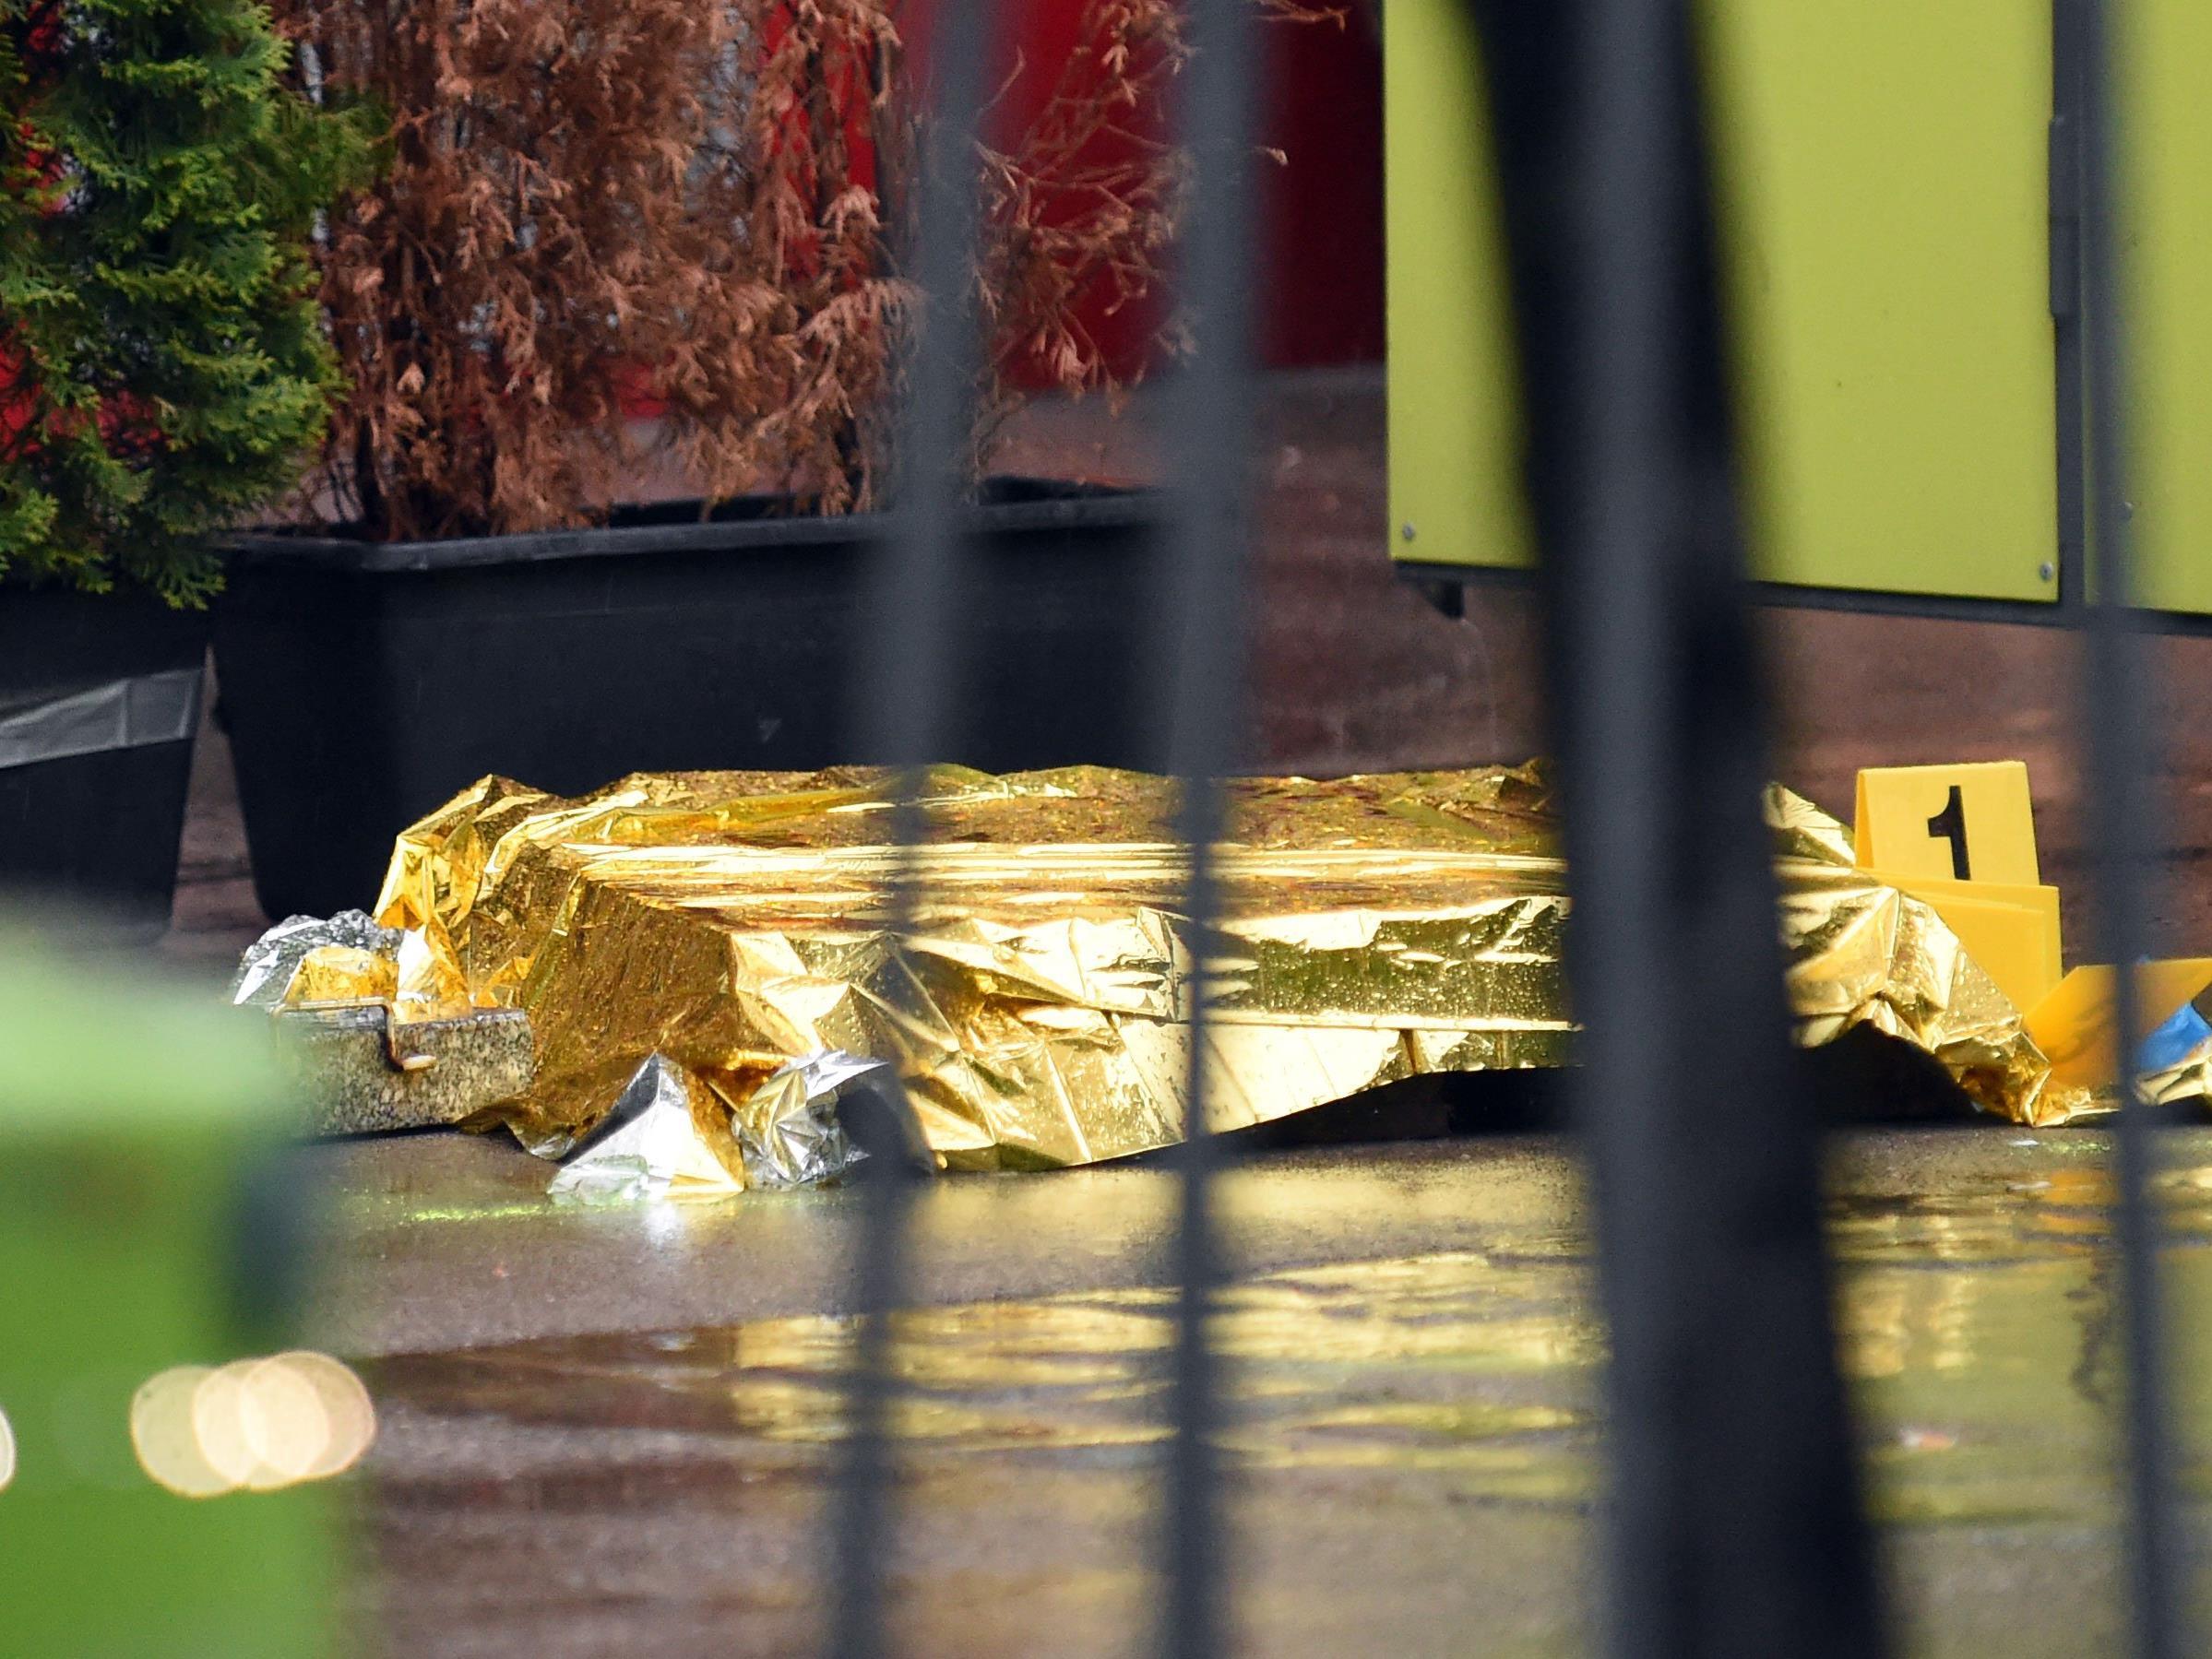 Die erschlagene Frau bedeckt in Wien-Ottakring.